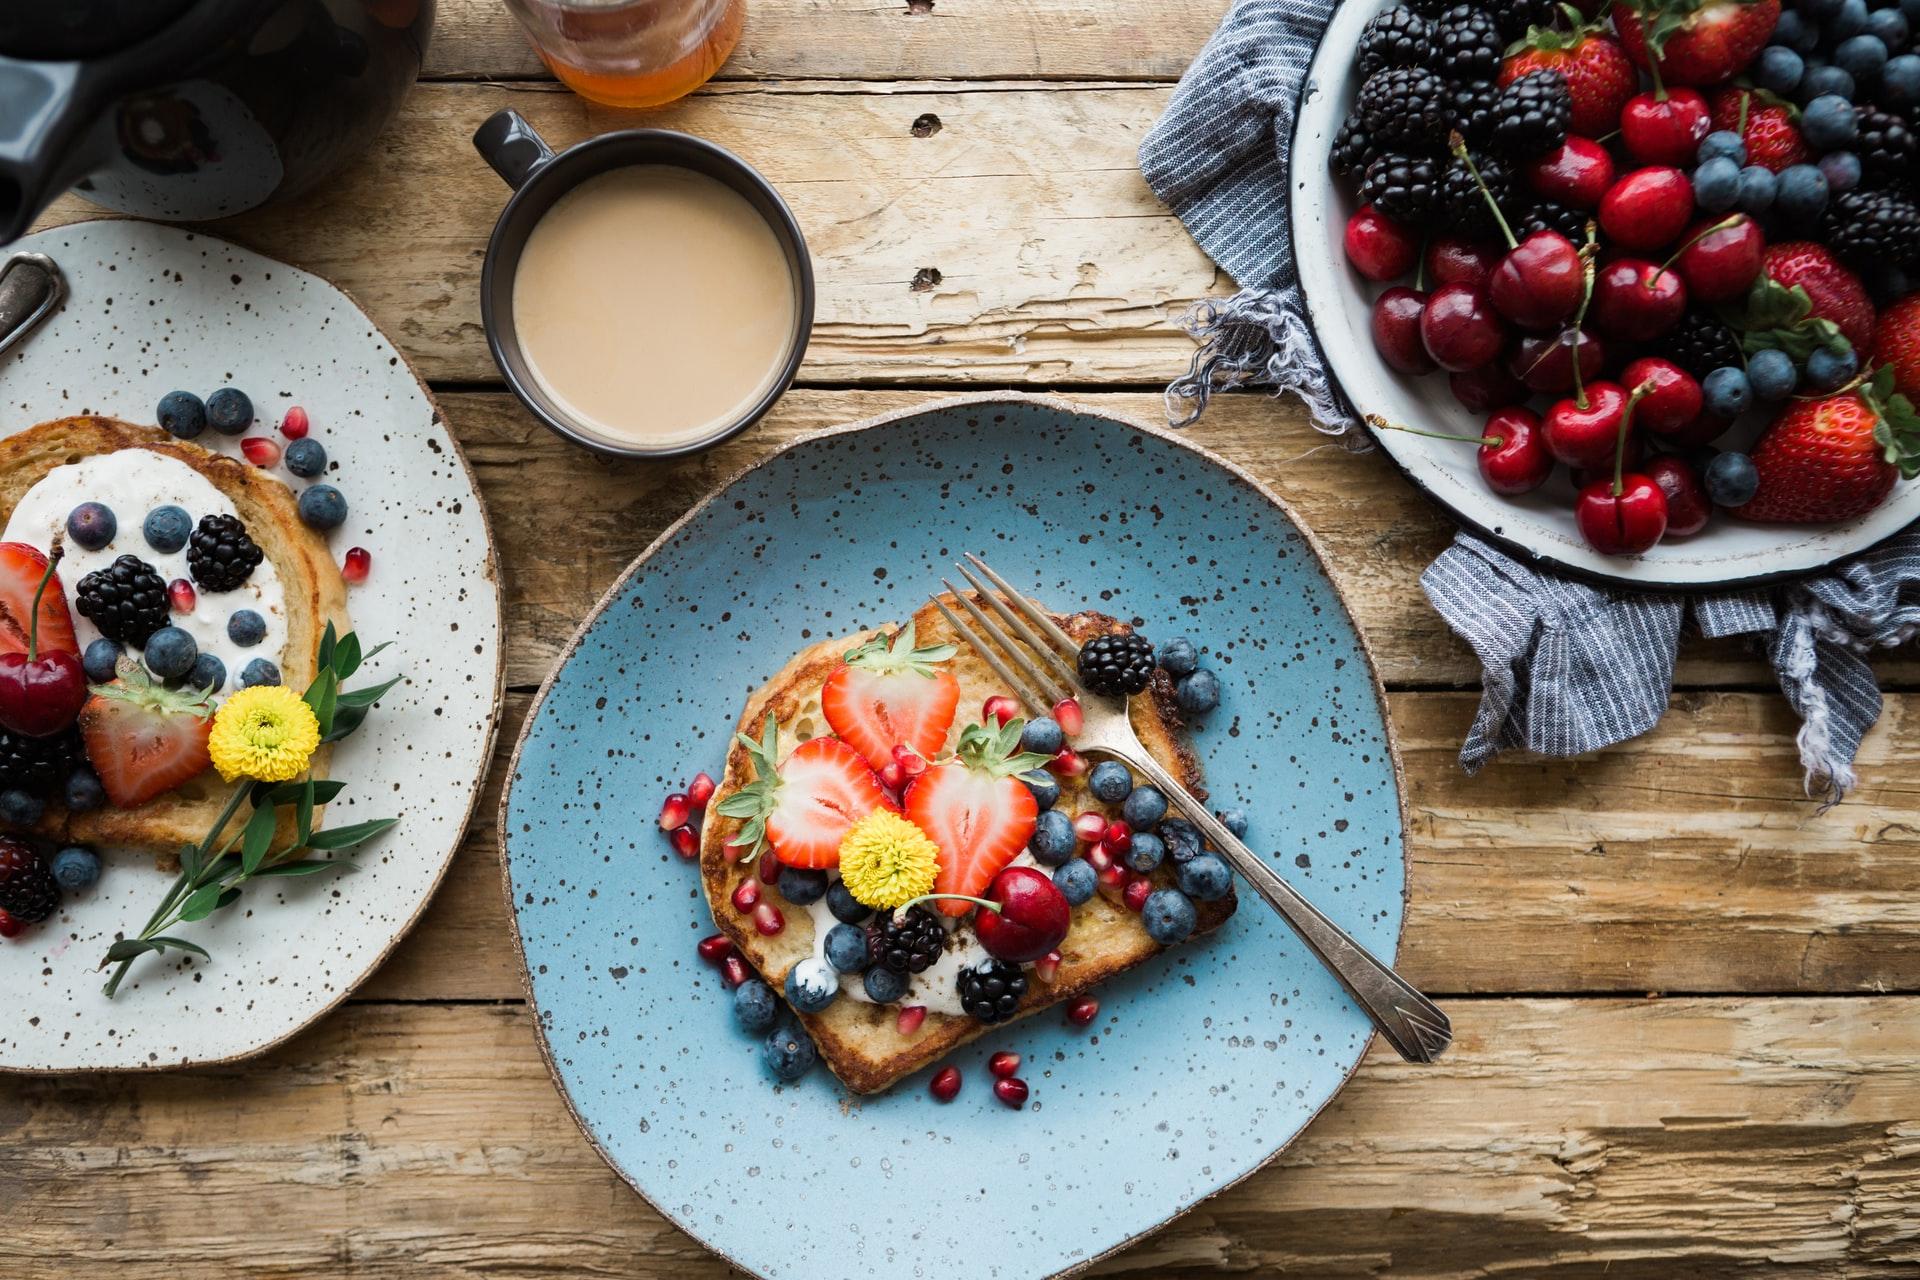 tavola con la colazione